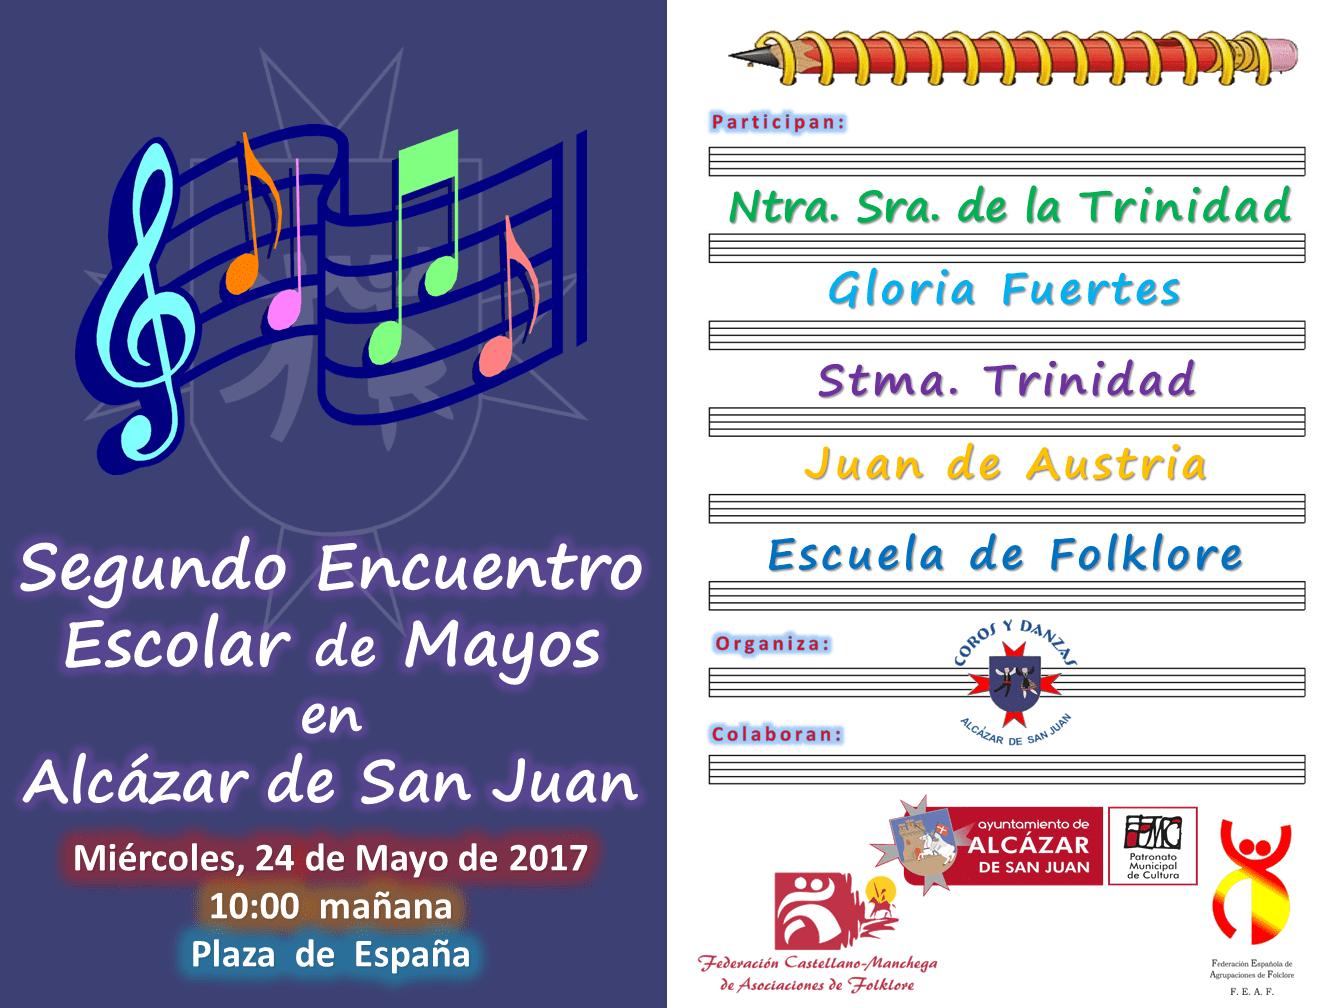 Cuatro colegios de Alcázar de San Juan participaron en la II edición de los Mayos Infantiles 2